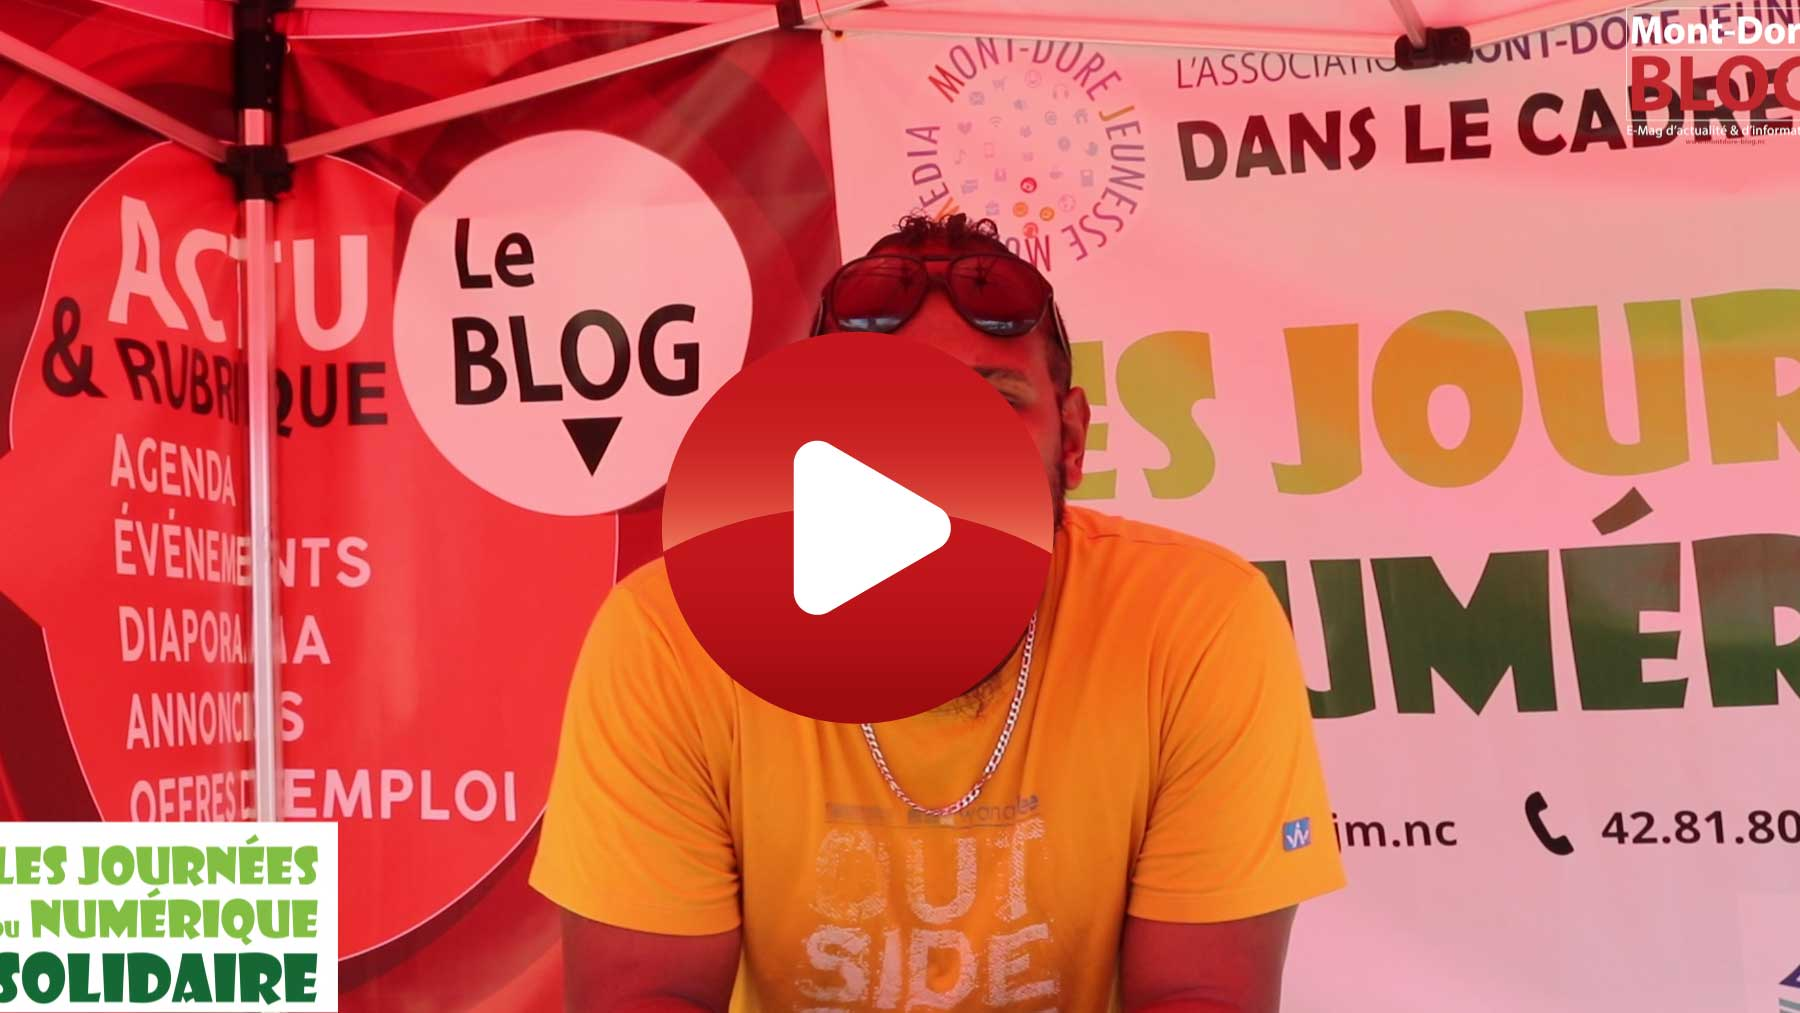 JNS 2019 ITW MDB 04 Les journées du Numérique Solidaire du 16 au 24 Novembre 2019